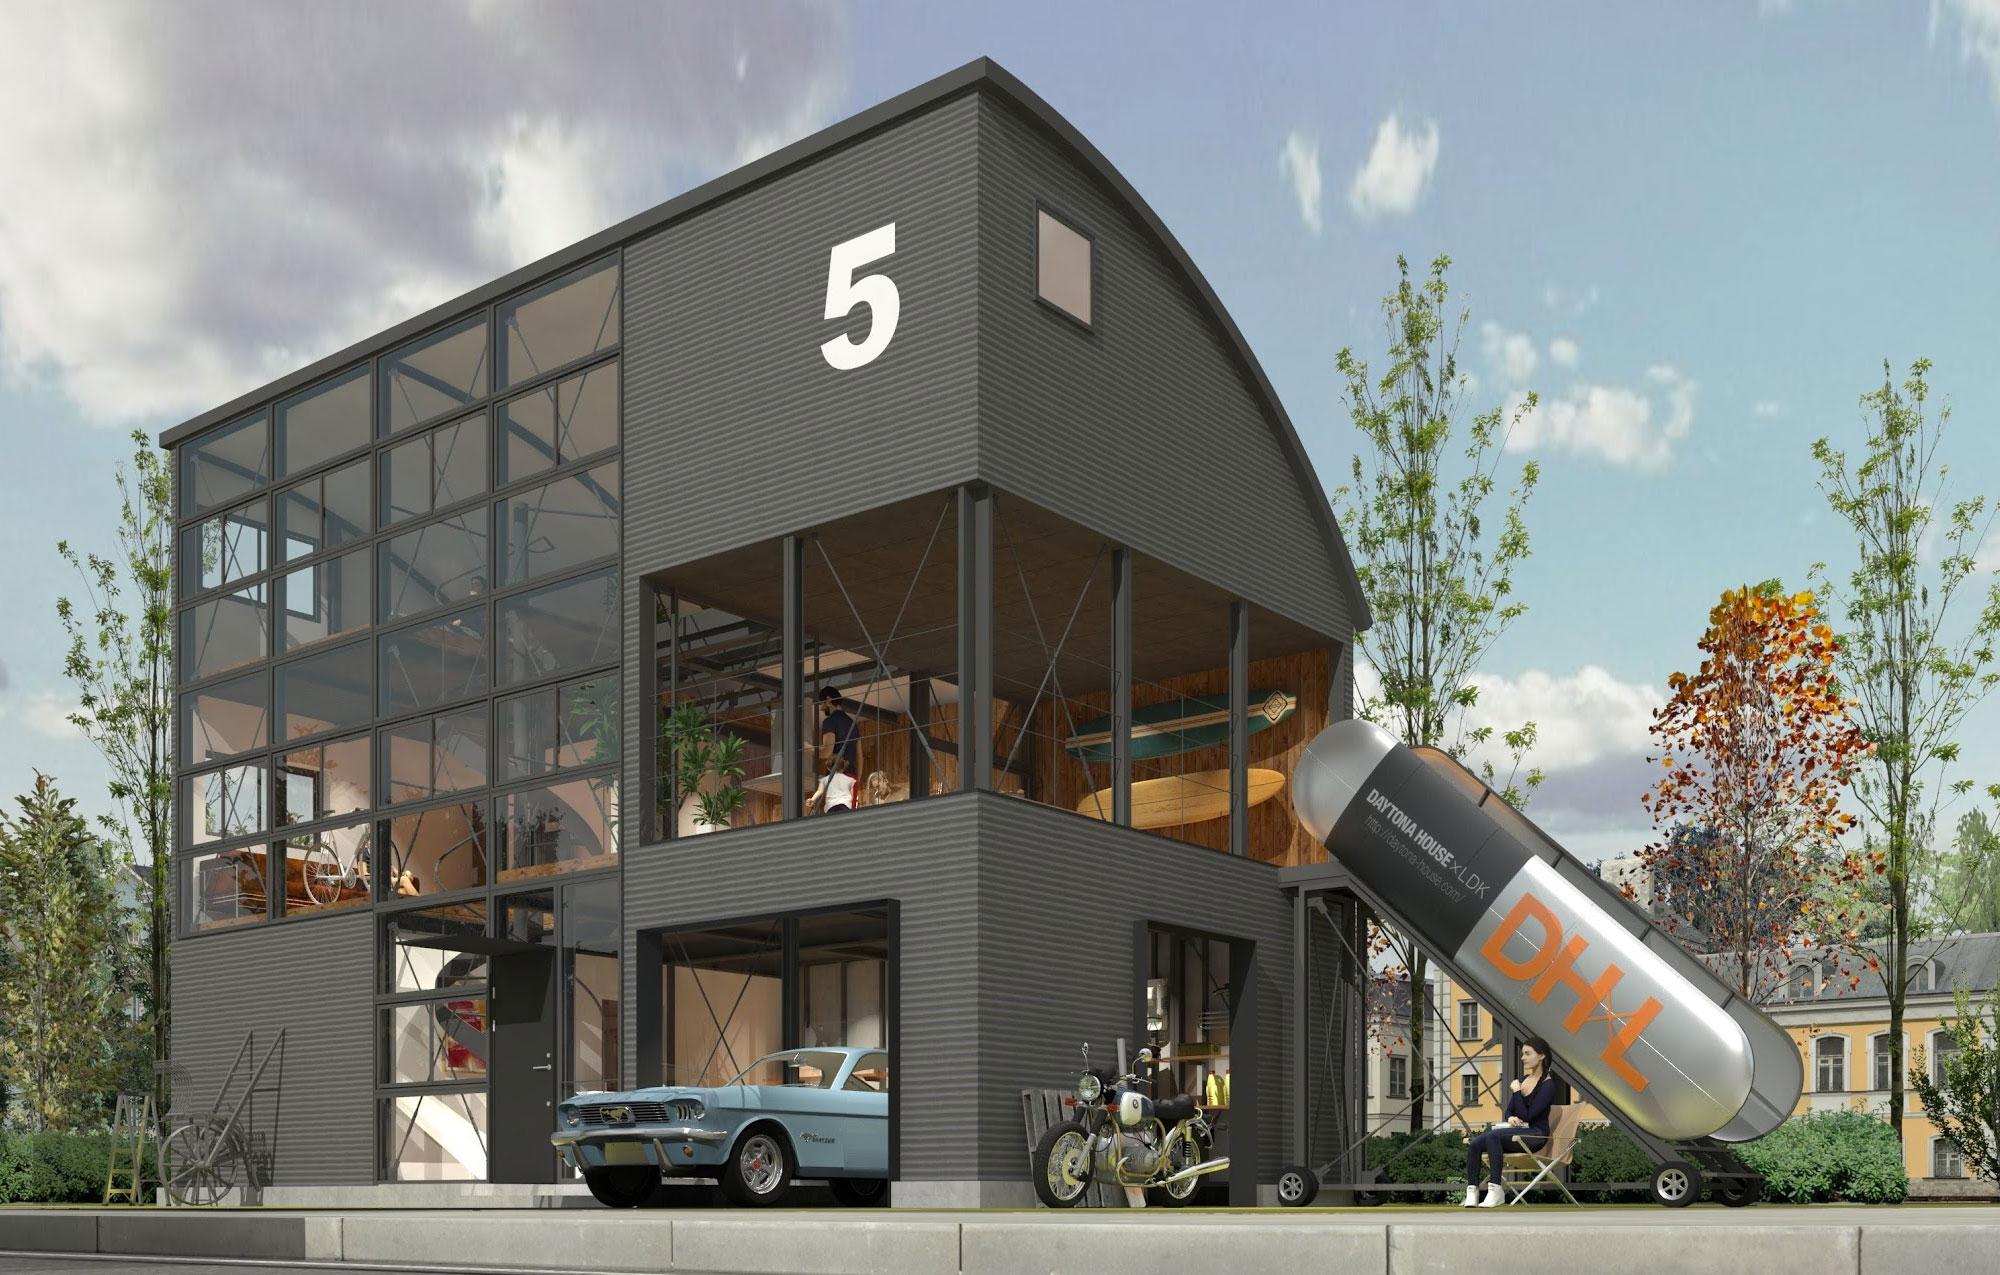 全身を銀黒のガルバリウムで包んだシャープな外観が#2の特徴のひとつで、あたかも工業系の事務所のような印象が既存の住宅にはないユニークなポイントです。ガレージはクルマ好き、バイク好き仕様であることはお約束の二方向開放。1階にはガレージリビングも設置しており、仕事場所としても活用可能です。